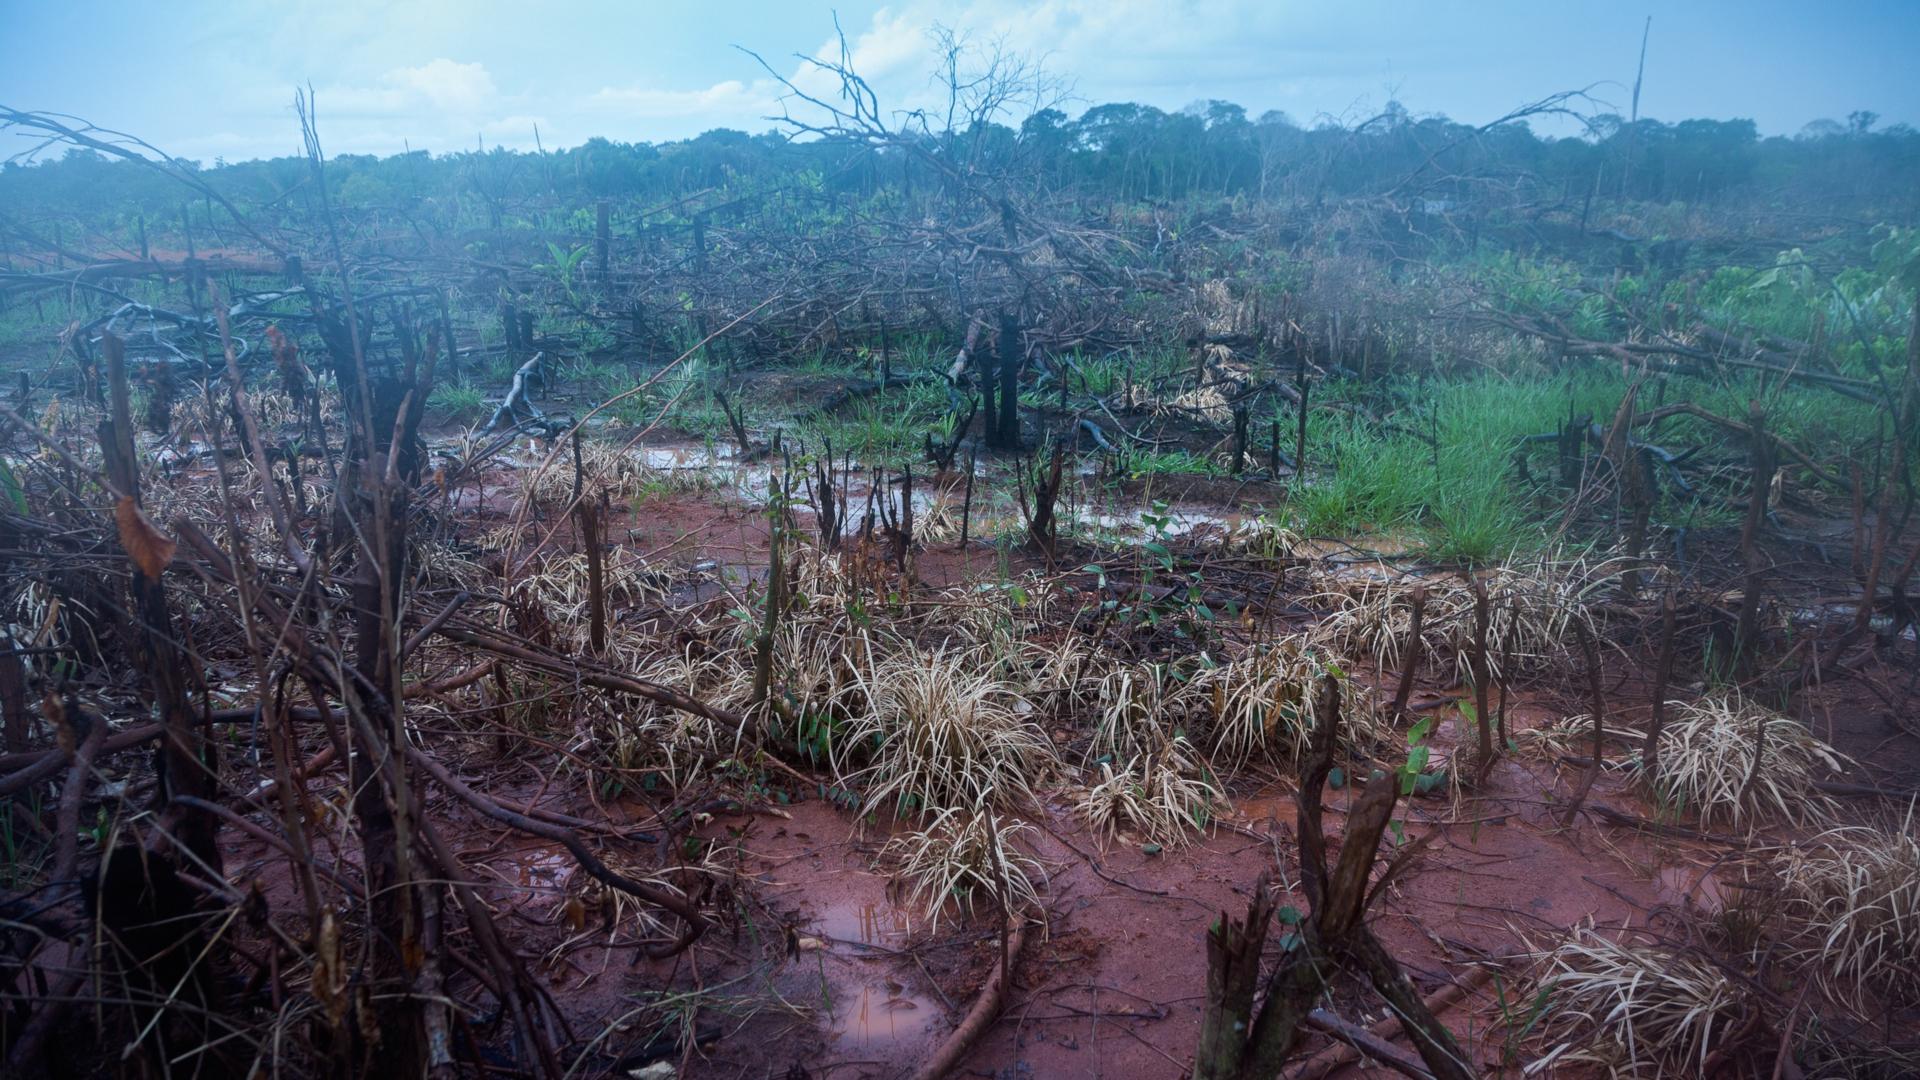 Brandrodung an der Transamazonica - einem Strassenprojekt quer durch das Amazonasgebiet | © Adveniat